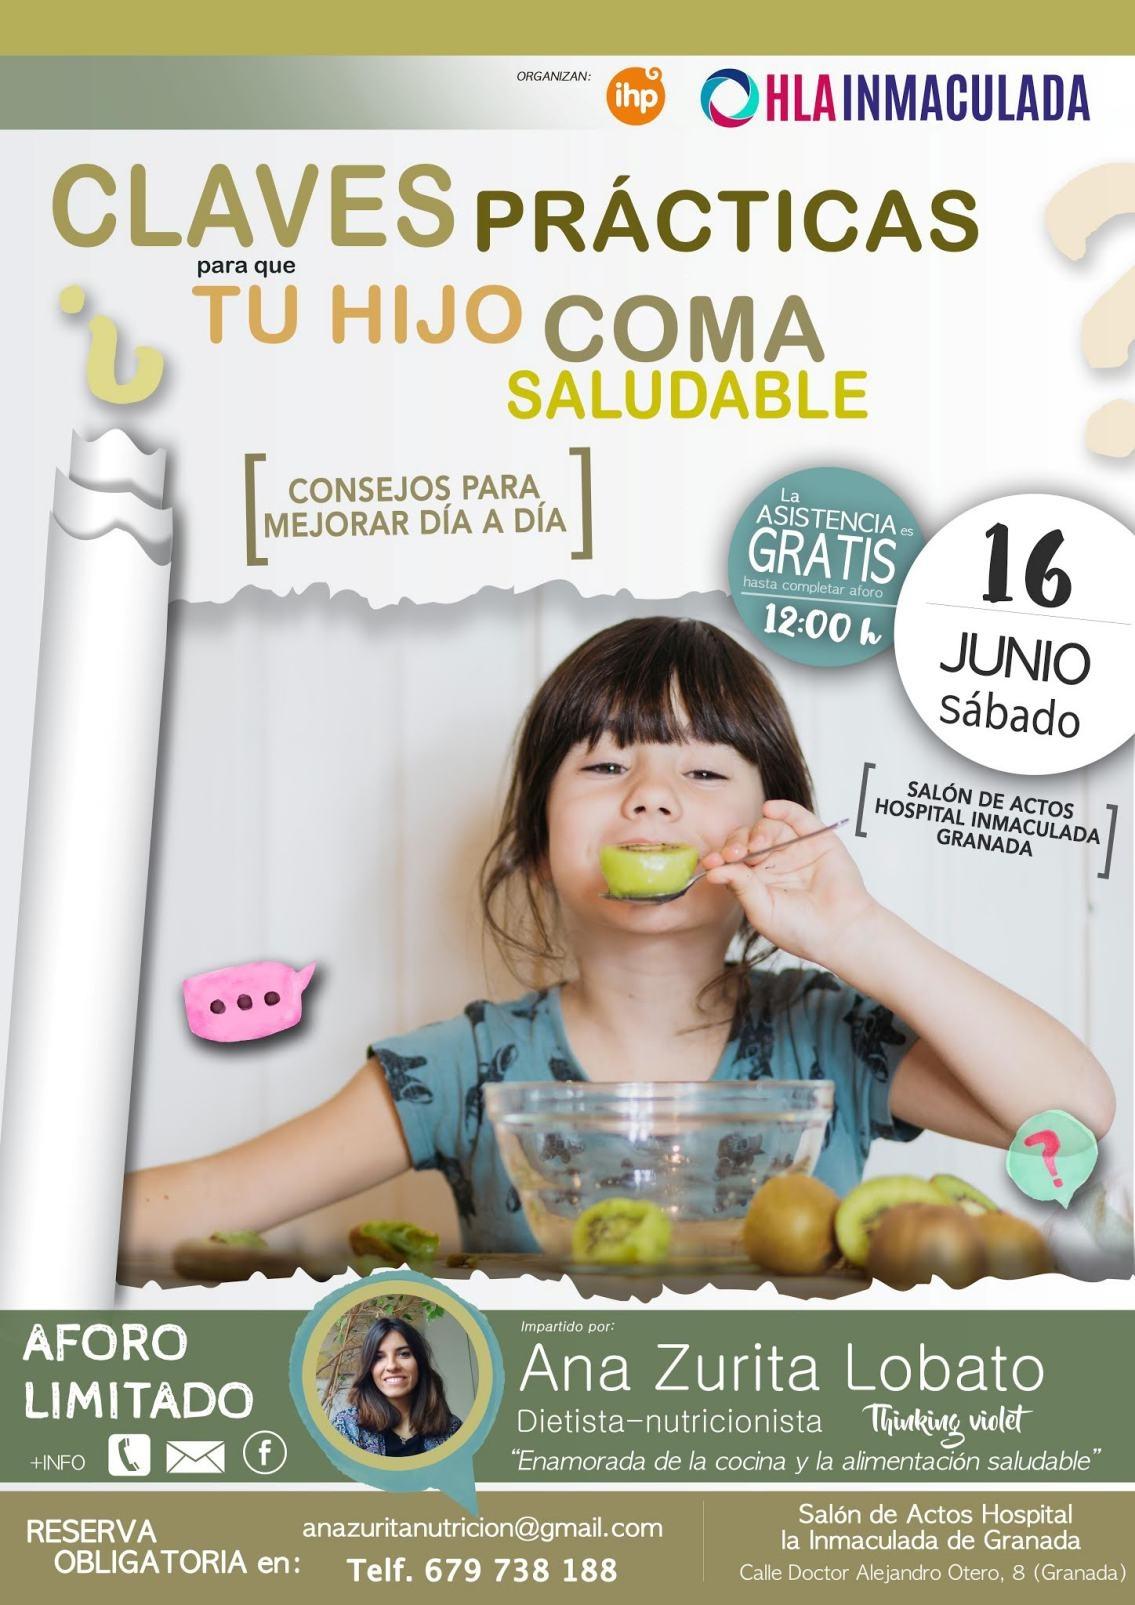 Claves prácticas para que tu hijo coma de forma saludable, taller gratuito de Grupo IHP en Granada